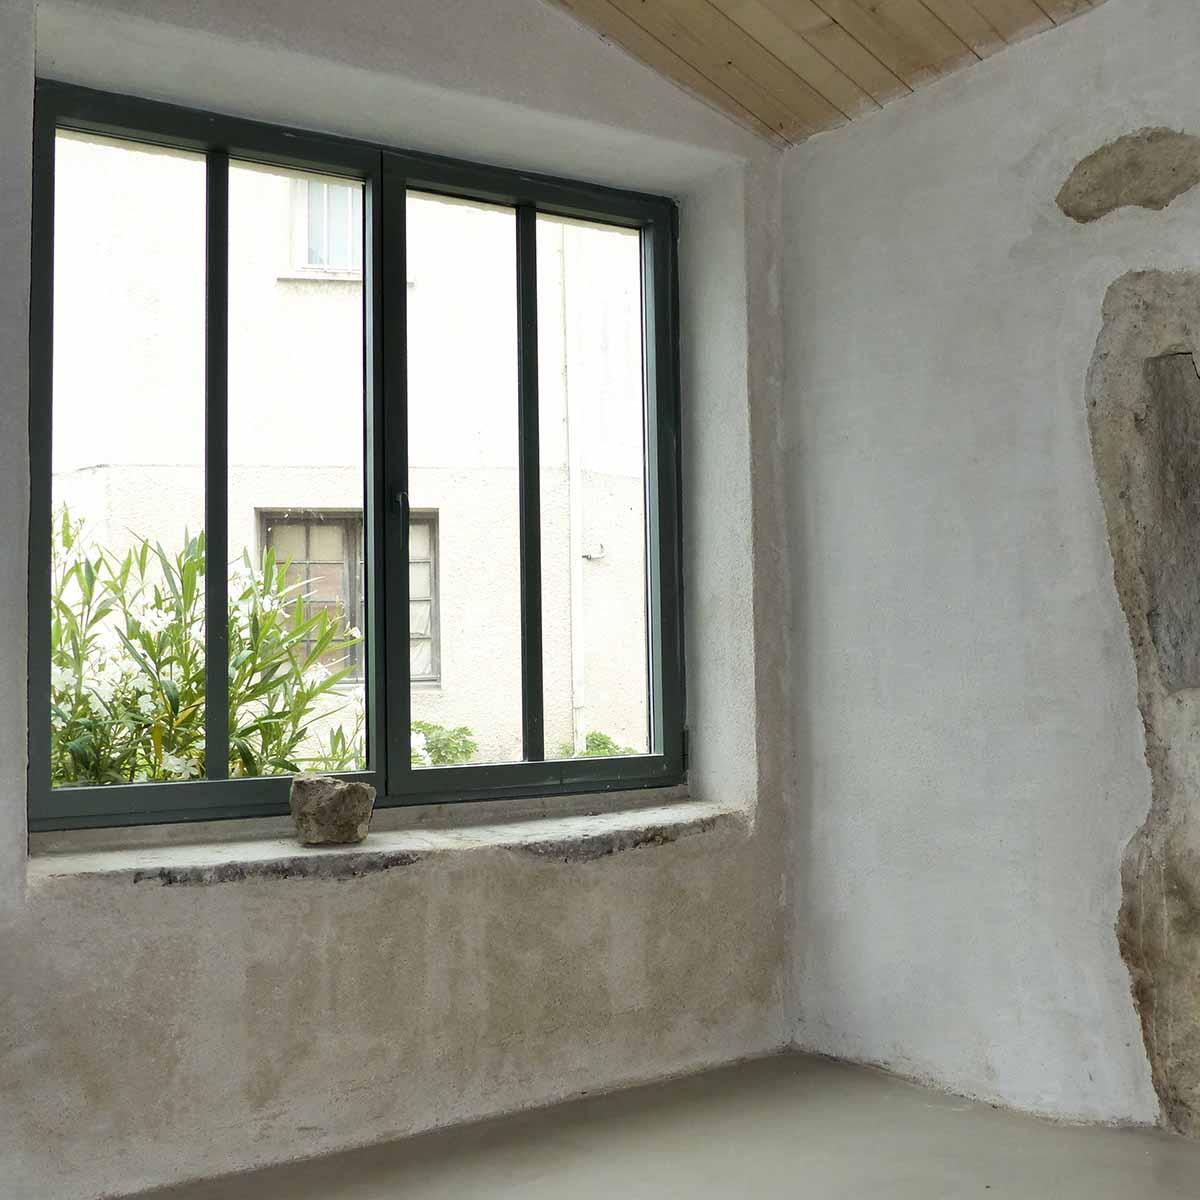 Enduits intérieurs de chanvre réalisé par l'entreprise François CELLIER, spécialiste de la rénovation du bâti en Charente Maritime